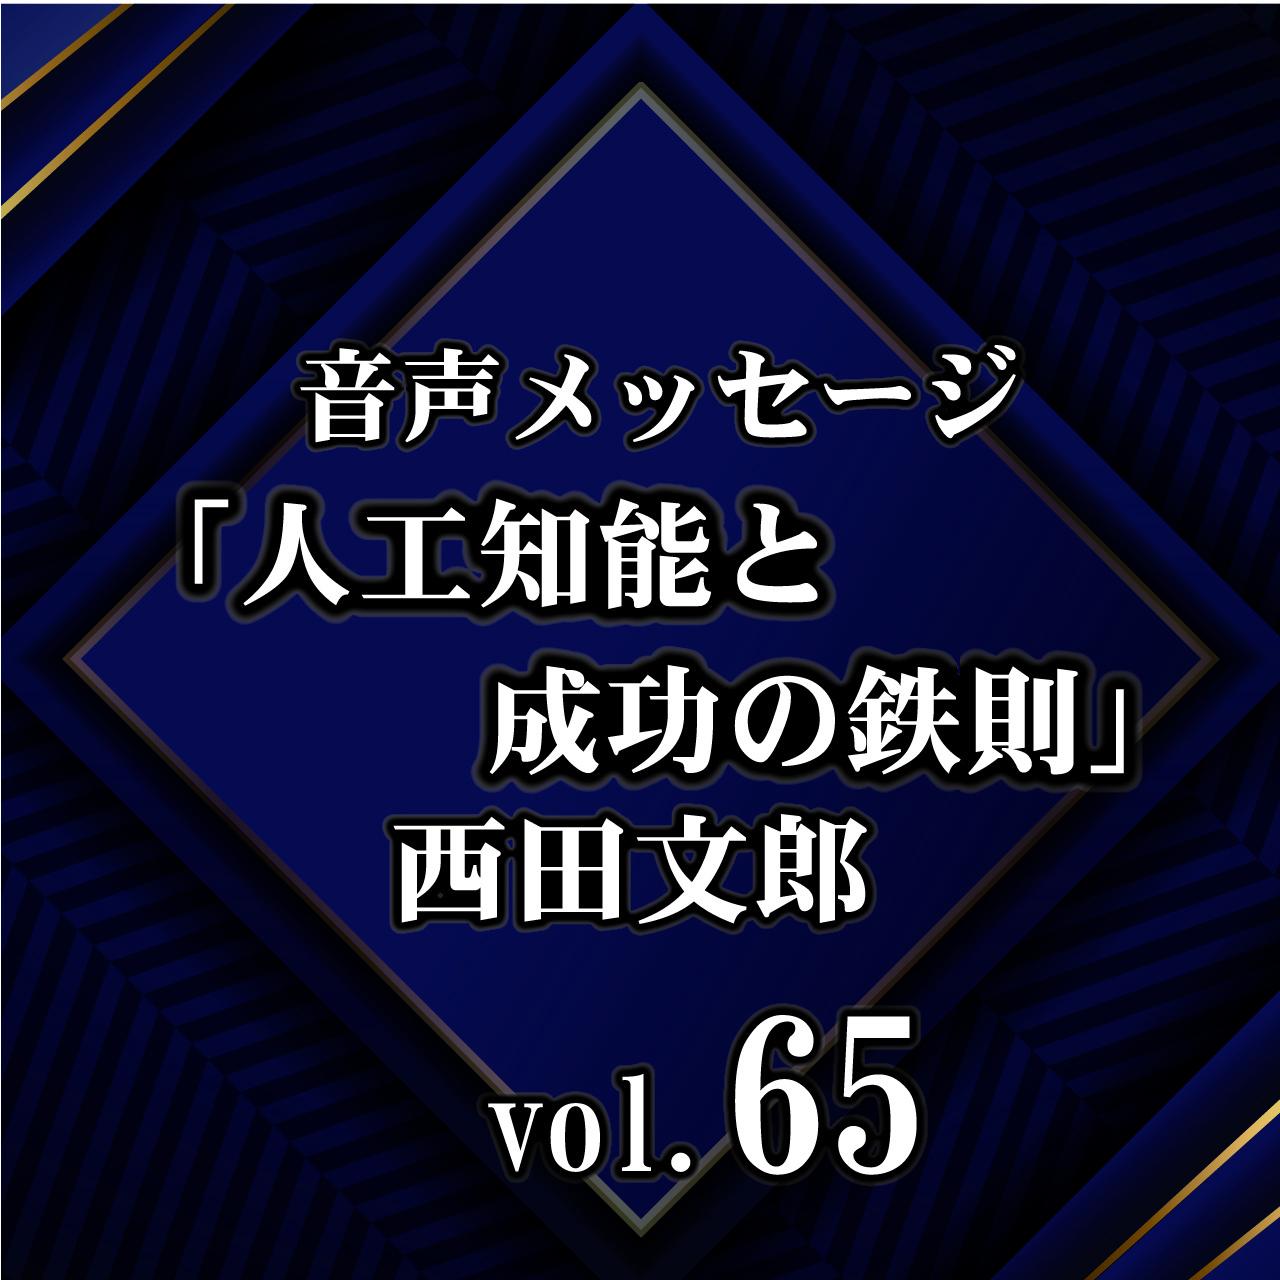 西田文郎 音声メッセージvol.65『人工知能と成功の鉄則』